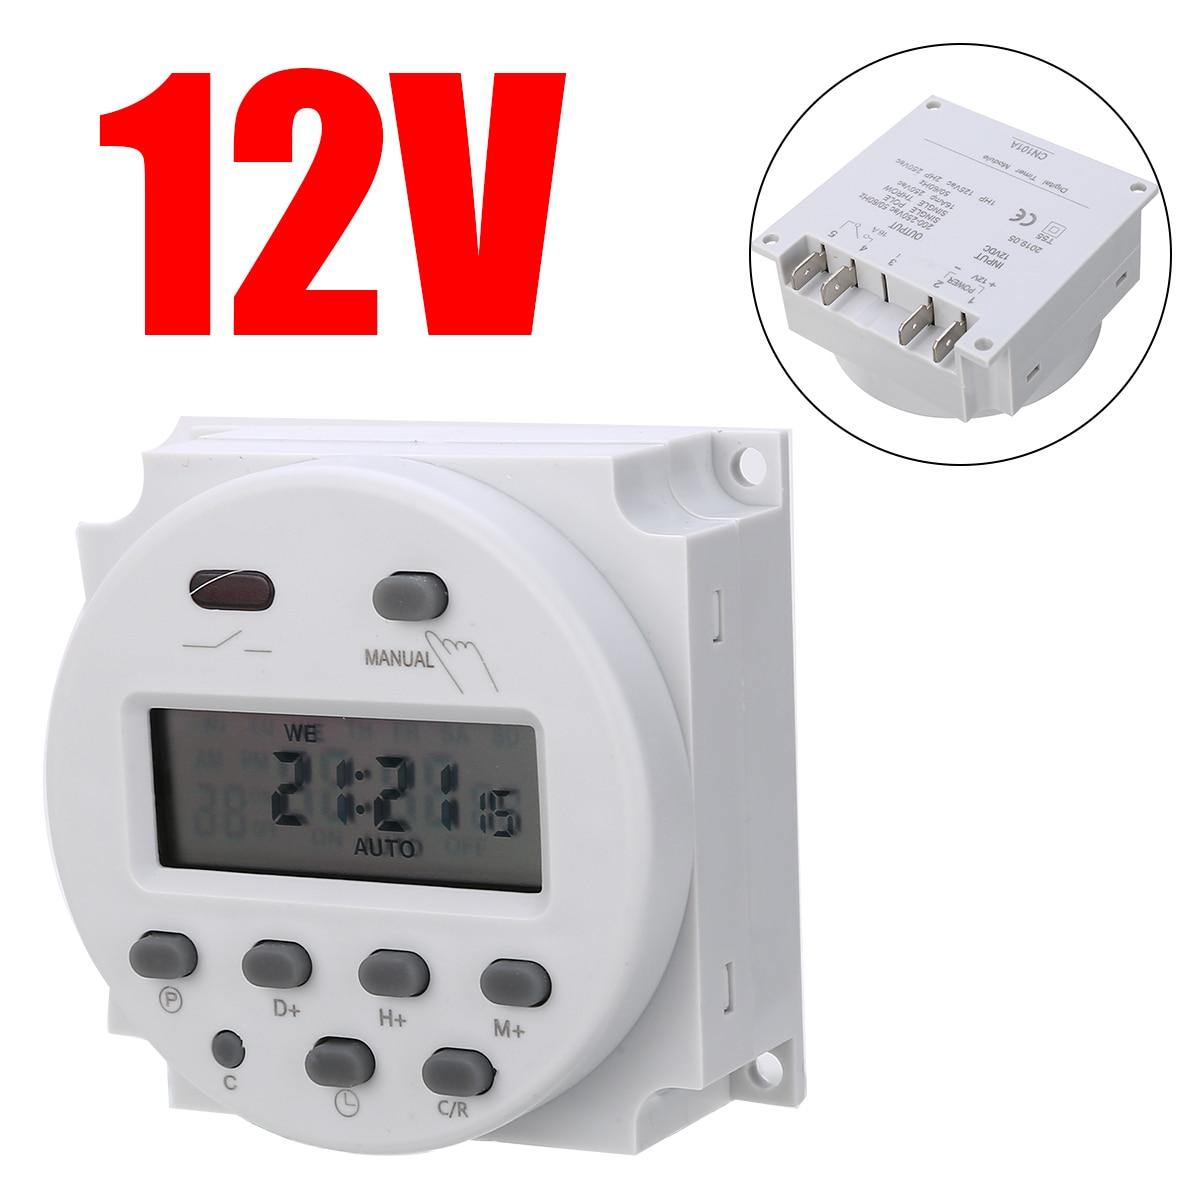 Minuterie relais interrupteur AC/DC 12V 16A Programmable numérique électrique hebdomadaire 7 jours de contrôle pour appareil ménager